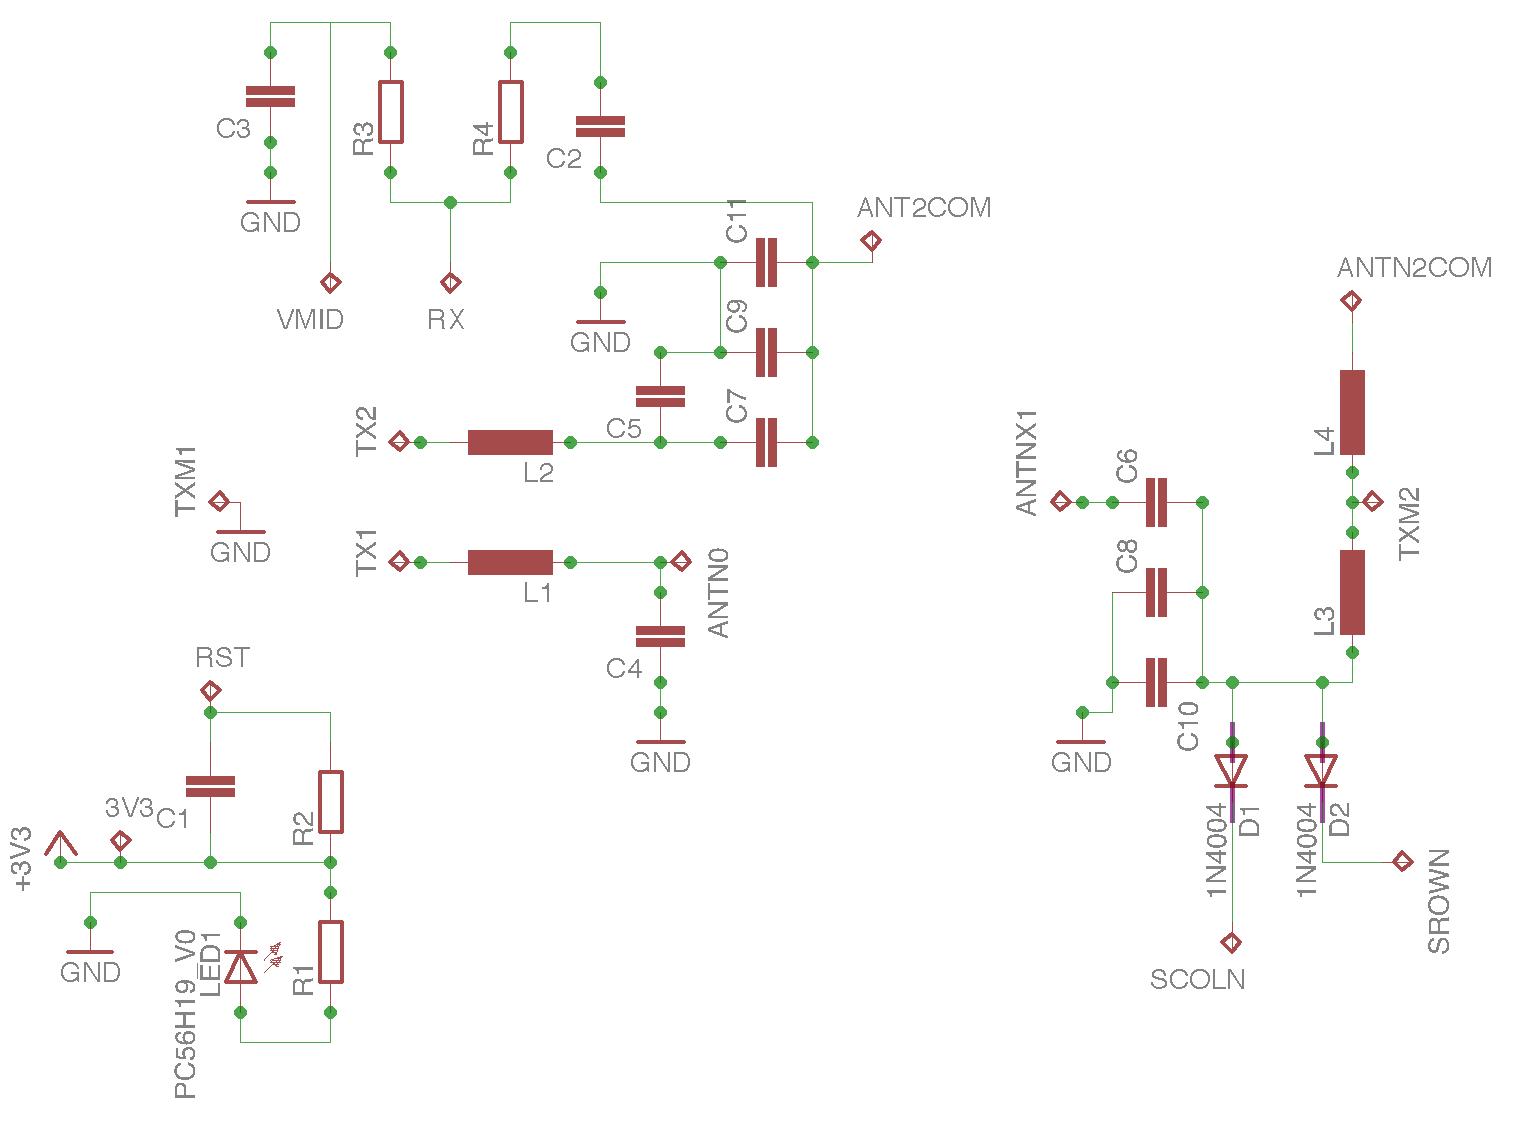 Groß Einfacher Mähwerk Schaltplan Ideen - Der Schaltplan - triangre.info